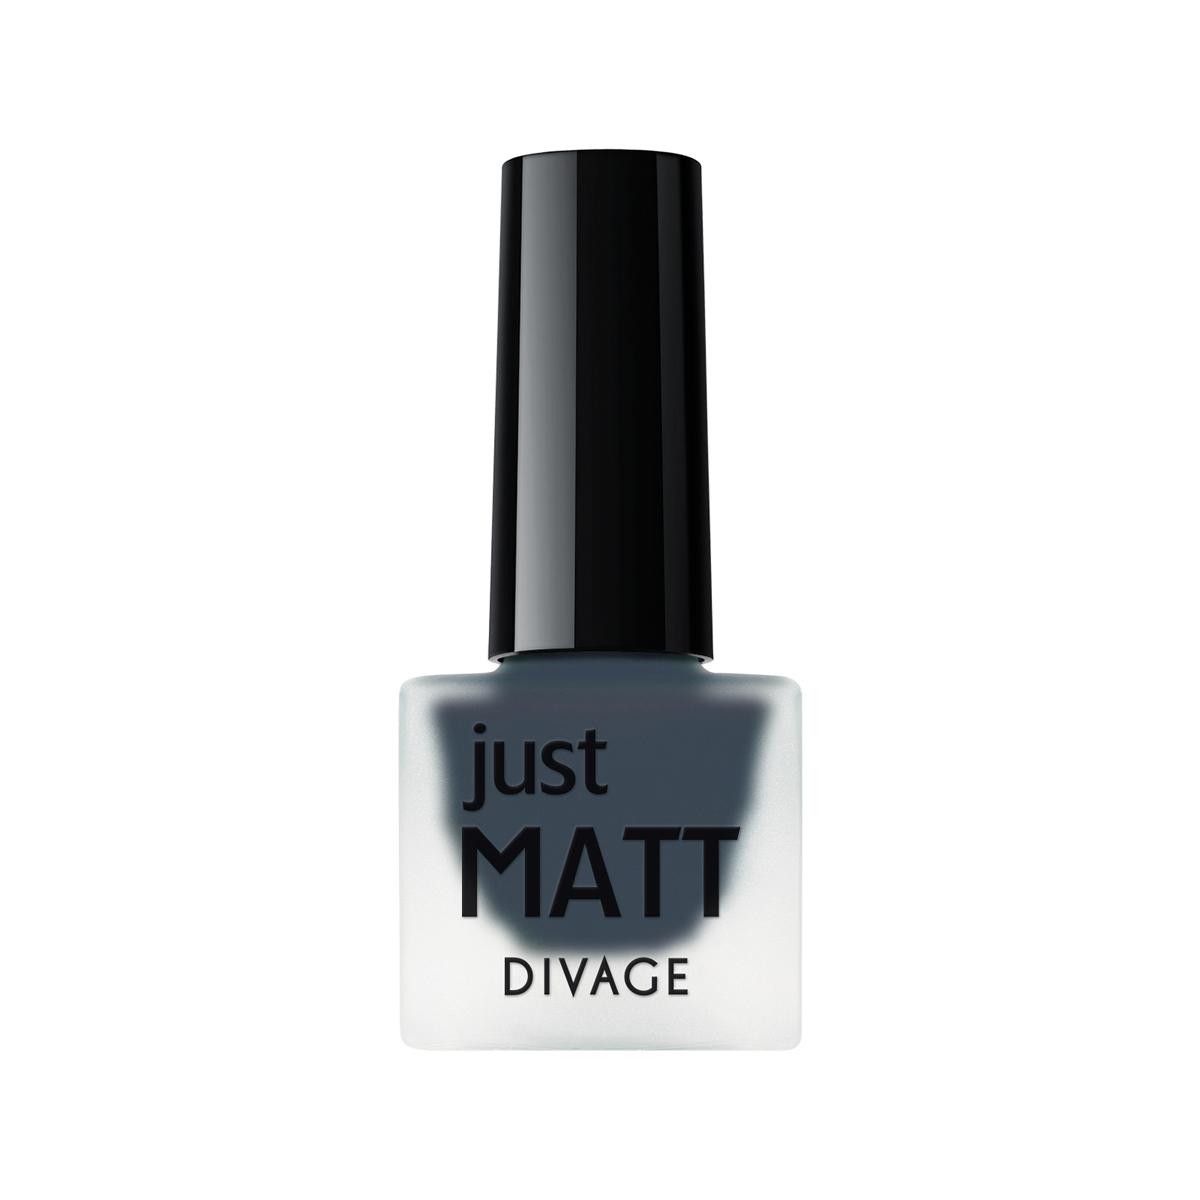 DIVAGE Лак для ногтей JUST MATT, тон № 5601, 7 мл6Легкая мягкая текстура лака позволяет выполнить маникюр с эффектом матового покрытия. Настоящая бархатная фантазия для твоего образа. Лак выравнивает неровности ногтевой пластины и позволяет создать идеальный маникюр с насыщенным цветом в один слой. Коллекция постоянно дополняется и обновляется новыми актуальными цветами. С оттенками коллекции JUST MATT легко воплотить в жизнь различные nail-дизайны, и каждый раз ваш маникюр будет смотреться стильно и по-новому!Легкая мягкая текстура лака позволяет выполнить маникюр с эффектом матового покрытия.Настоящая бархатная фантазия для твоего образа. Лак выравнивает неровности ногтевой пластины и позволяет создать идеальный маникюр с насыщенным цветом в один слой. Коллекция постоянно дополняется и обновляется новыми актуальными цветами.